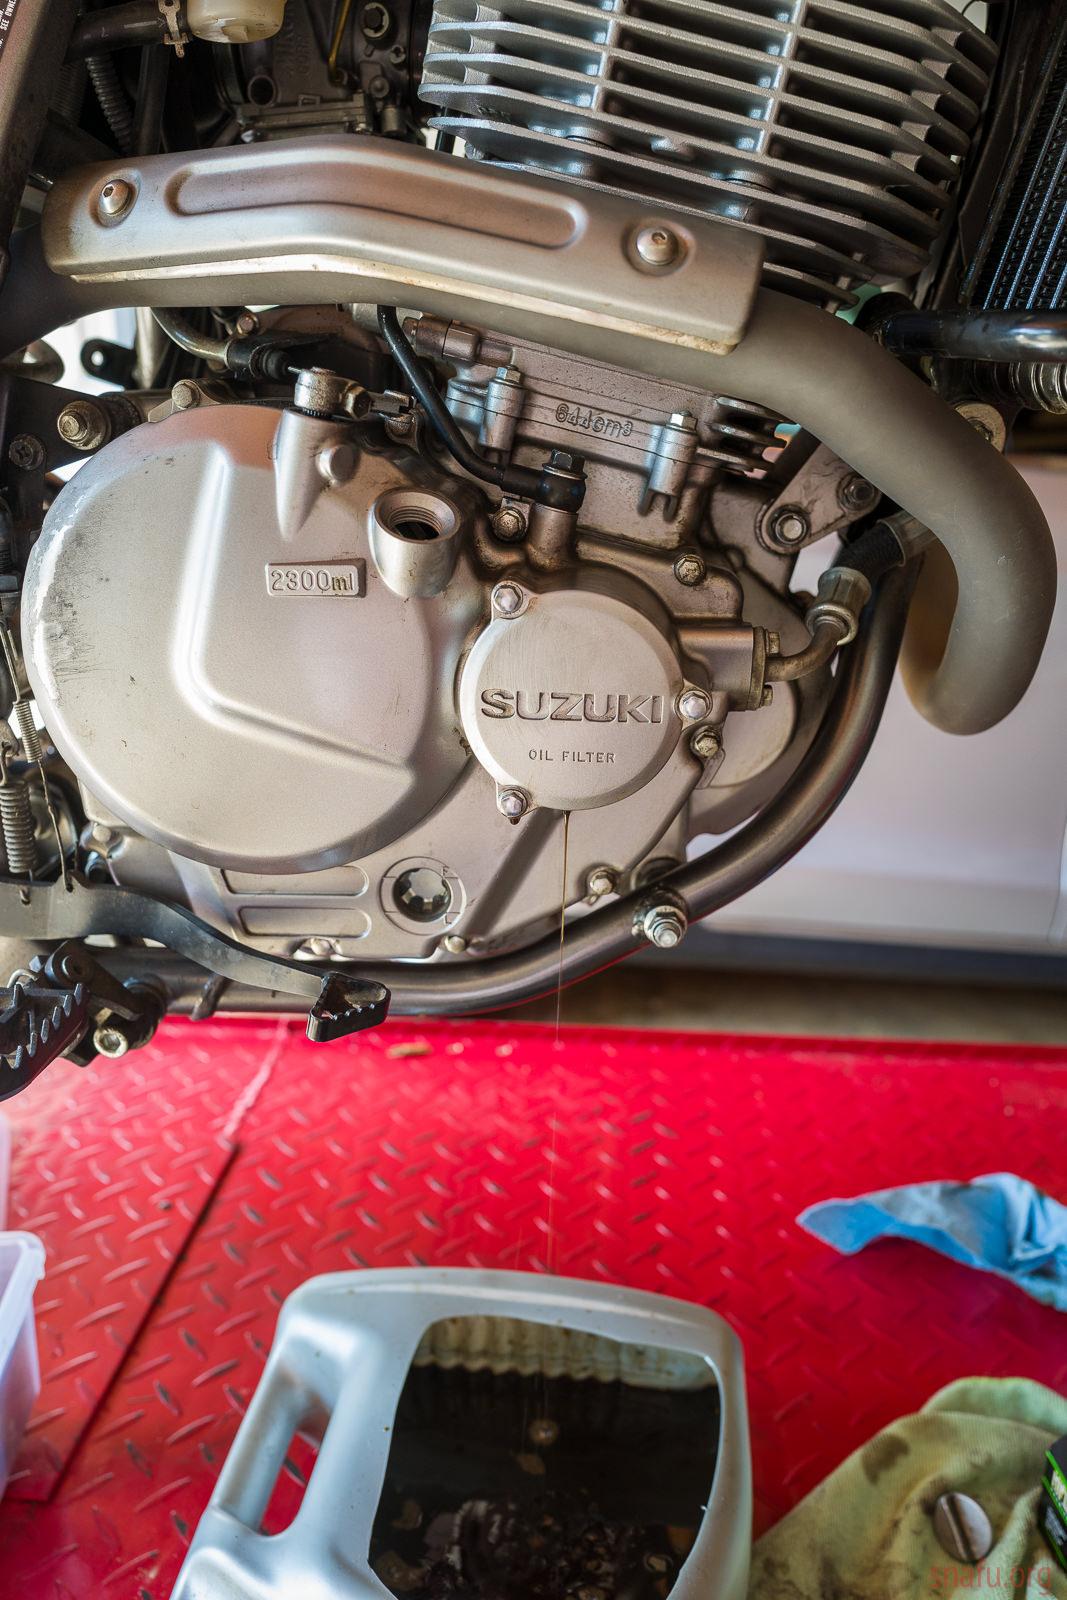 DR650 7500 mile service [page 3]